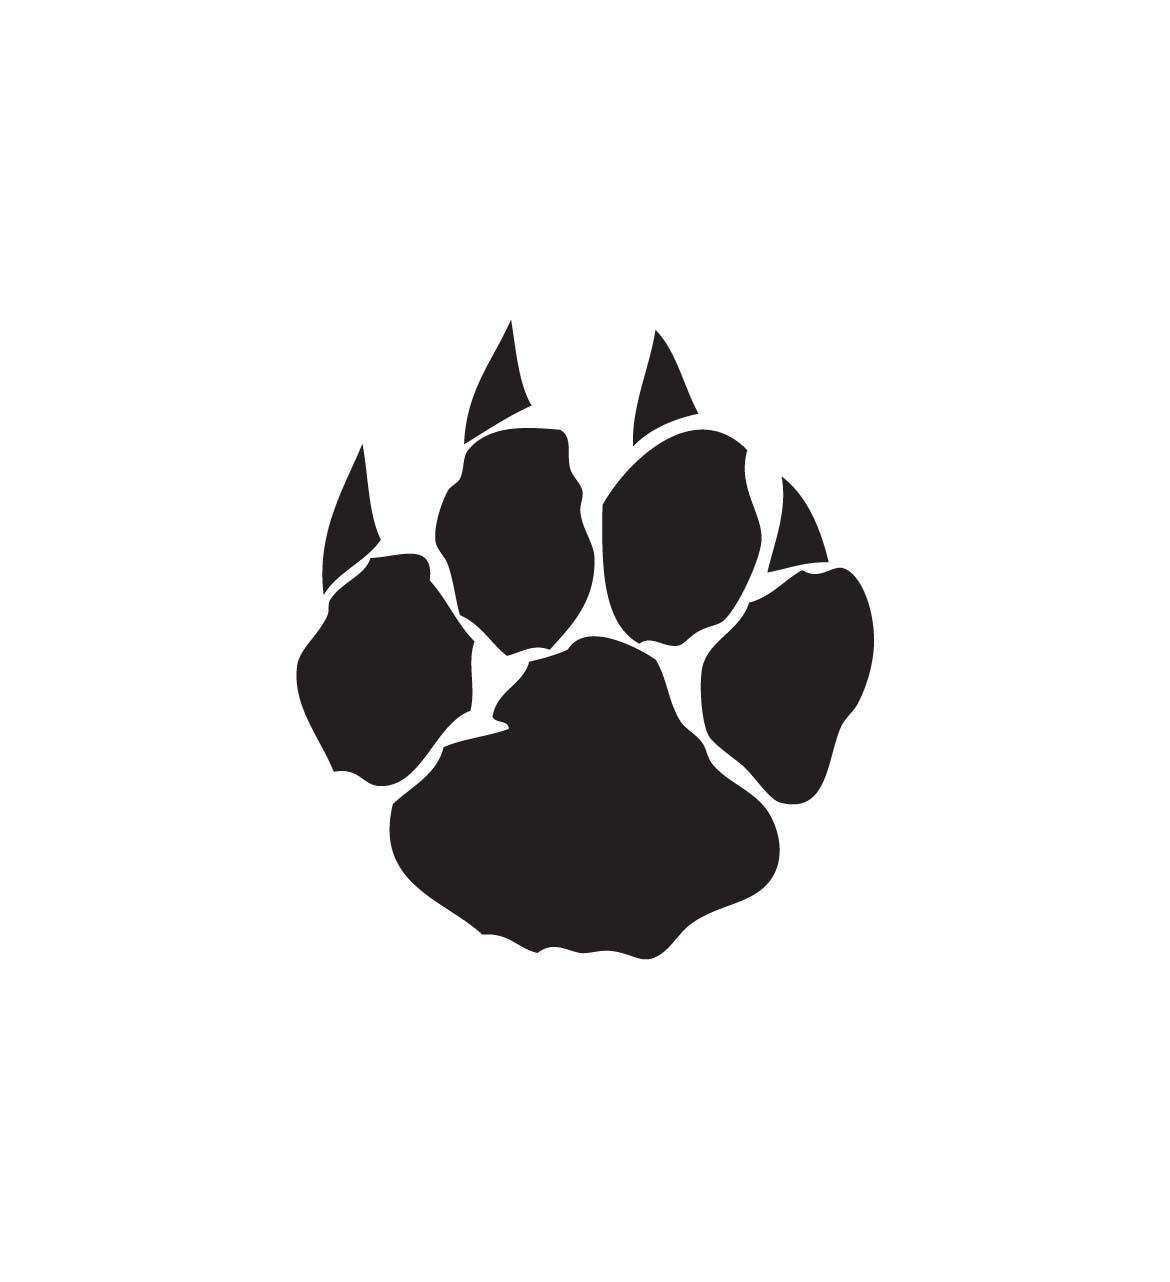 Wildcat clipart westview Com Wildcat Paw Wildcat Prints